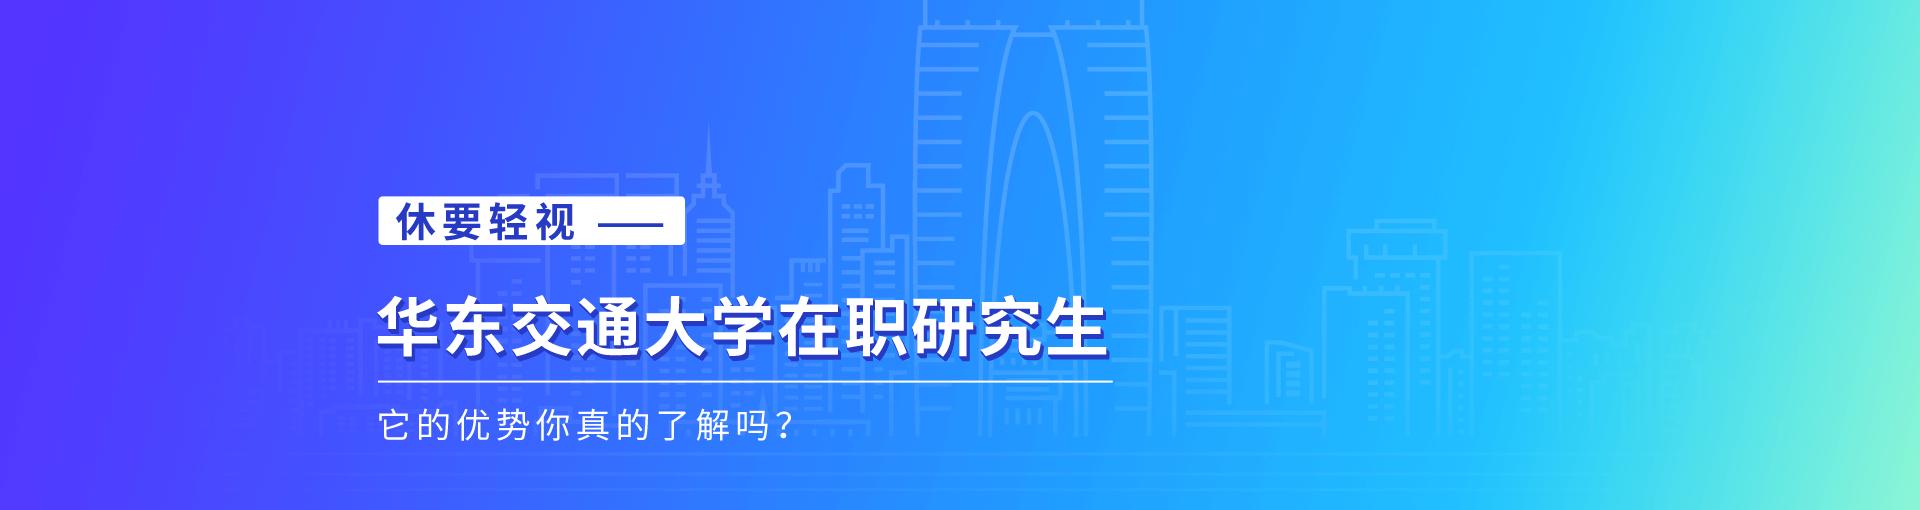 2019年华东交通大学在职研究生优势